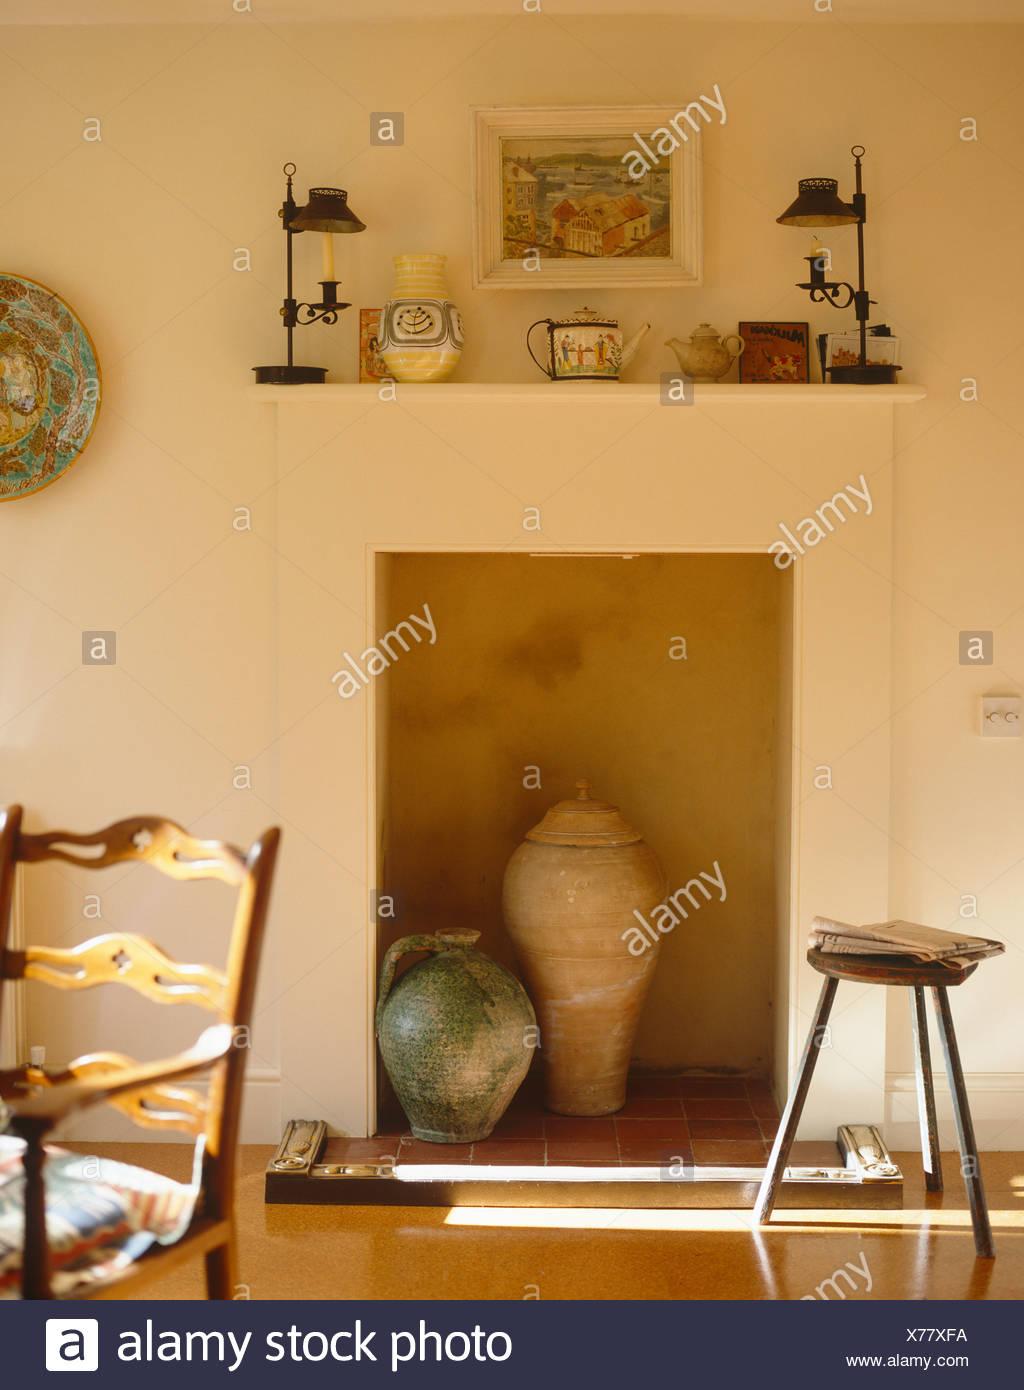 Paese francese sala da pranzo in stile rustico con caraffa in ...